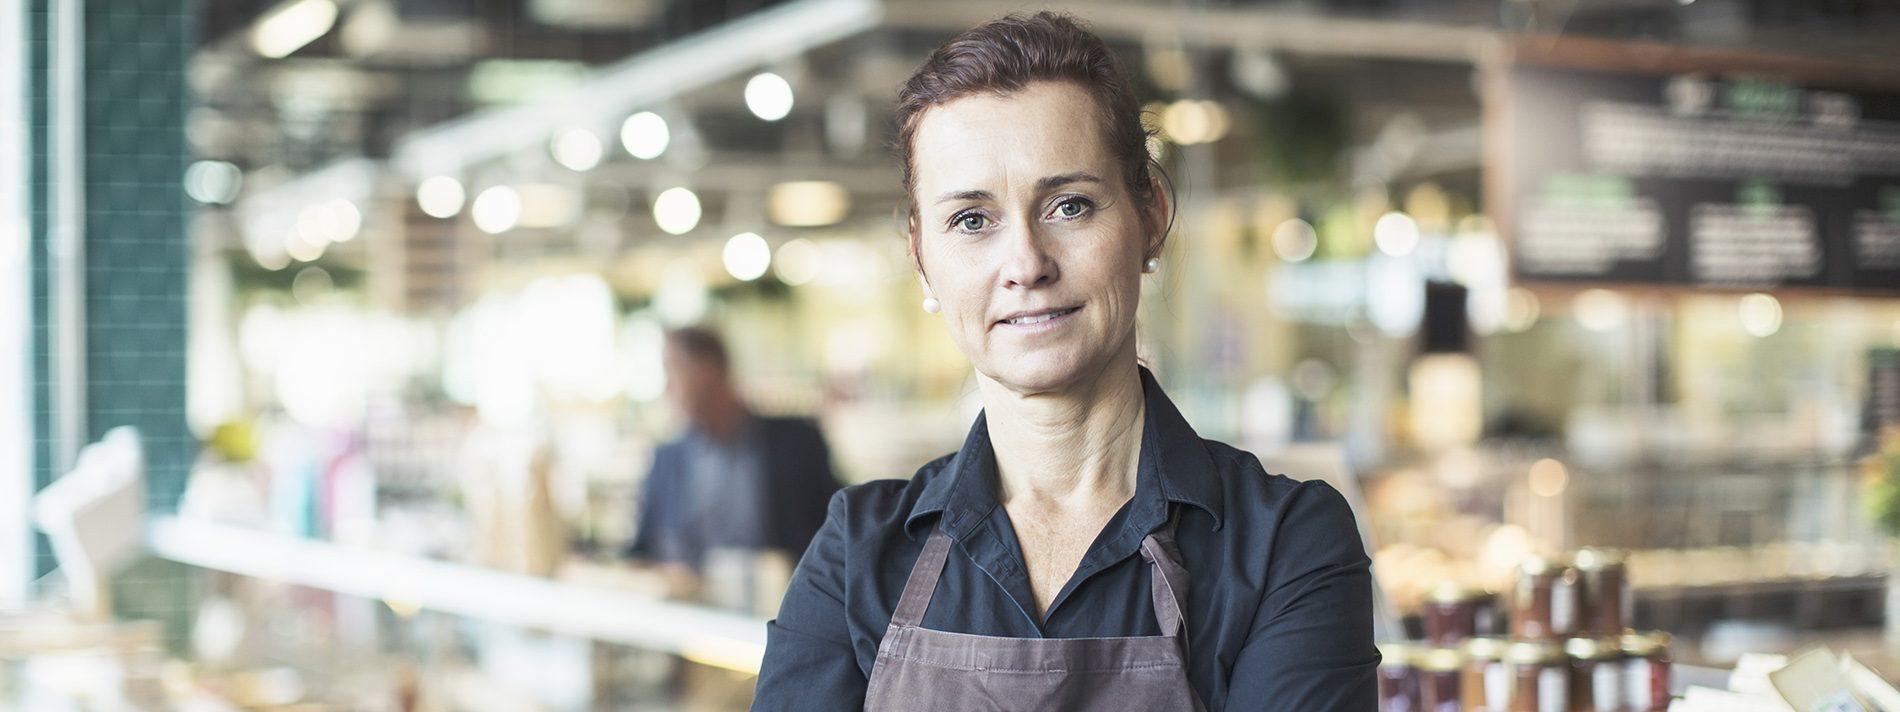 Kvindelig medarbejder i dagligvarebutik